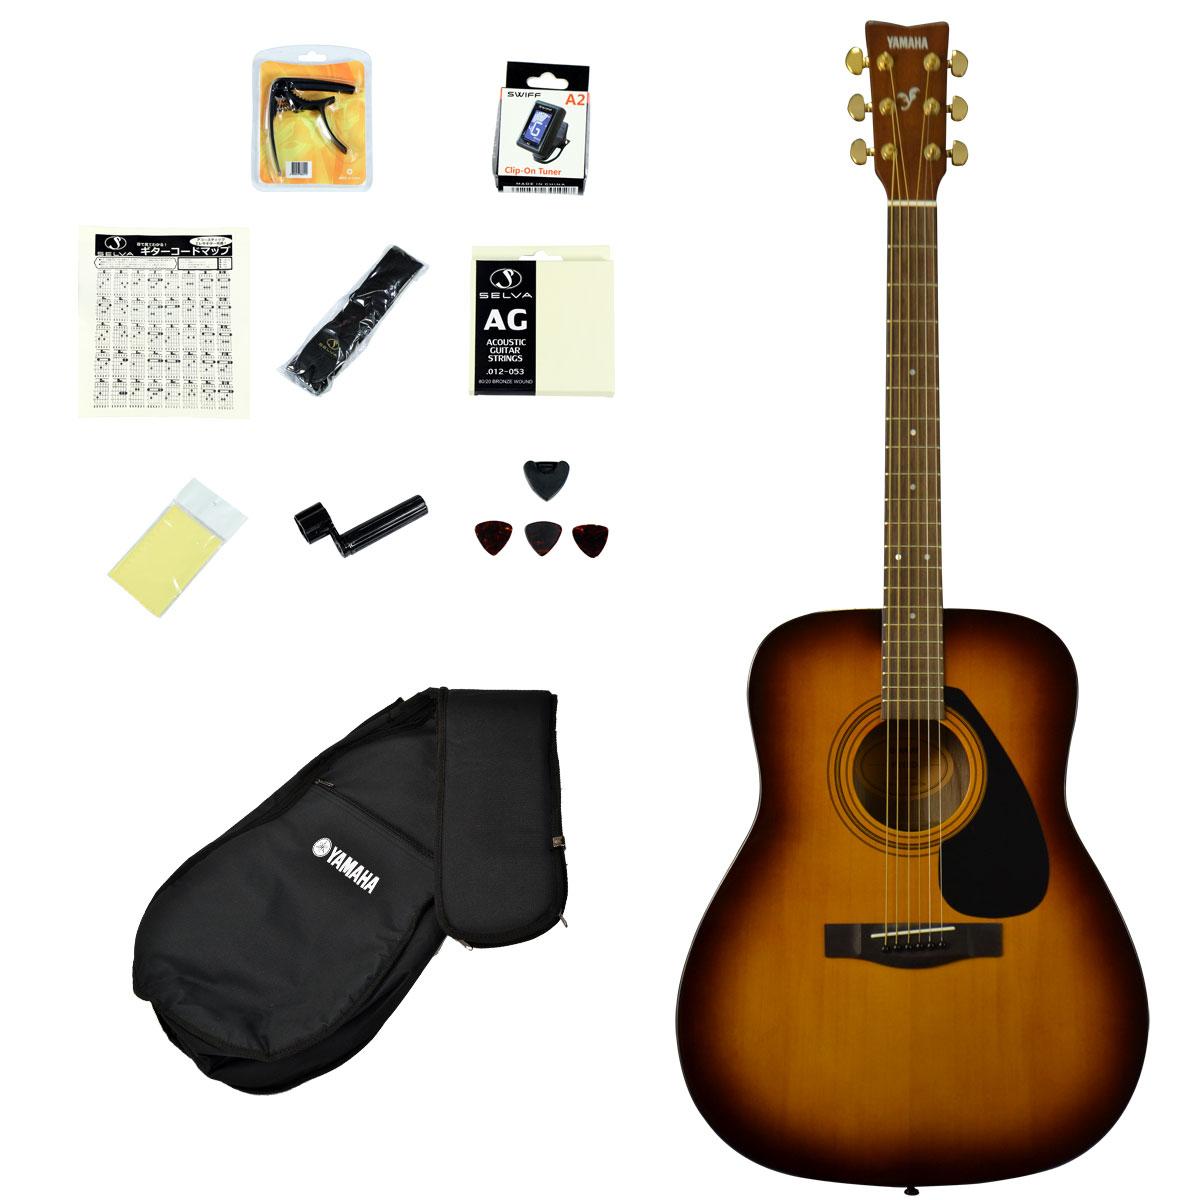 YAMAHA / F315D TBS(タバコブラウンサンバースト)【アコースティックギター12点入門セット!】 ヤマハ アコギ フォークギター F-315D 入門 初心者【YRK】